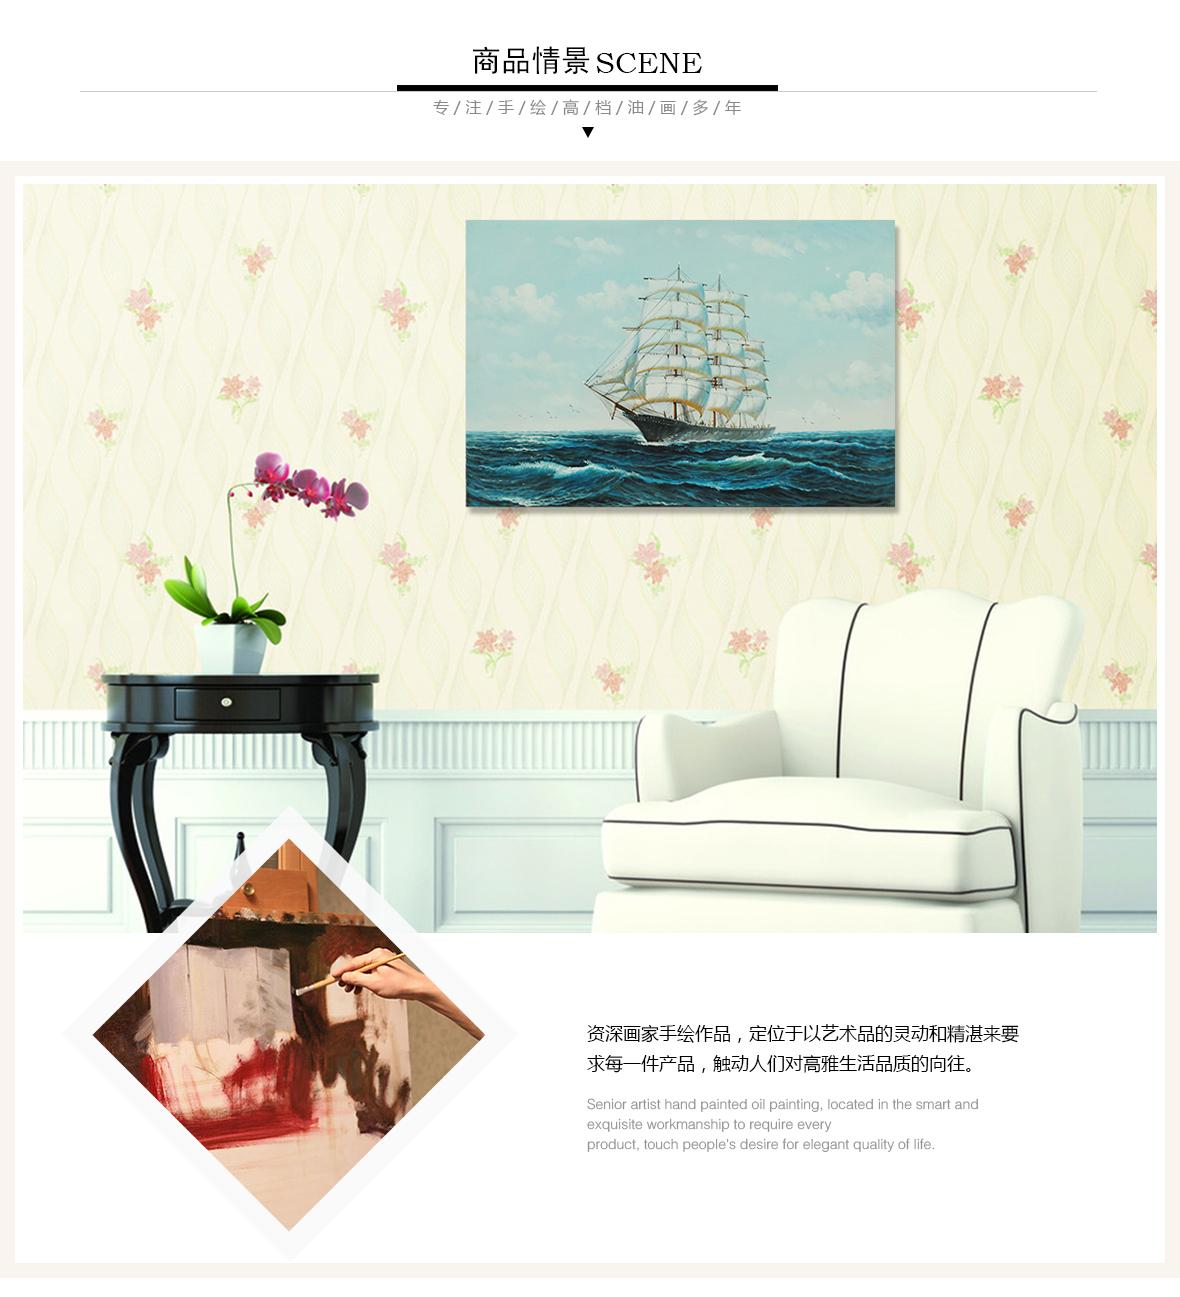 格丰画廊油画帆船布面油画商品情景